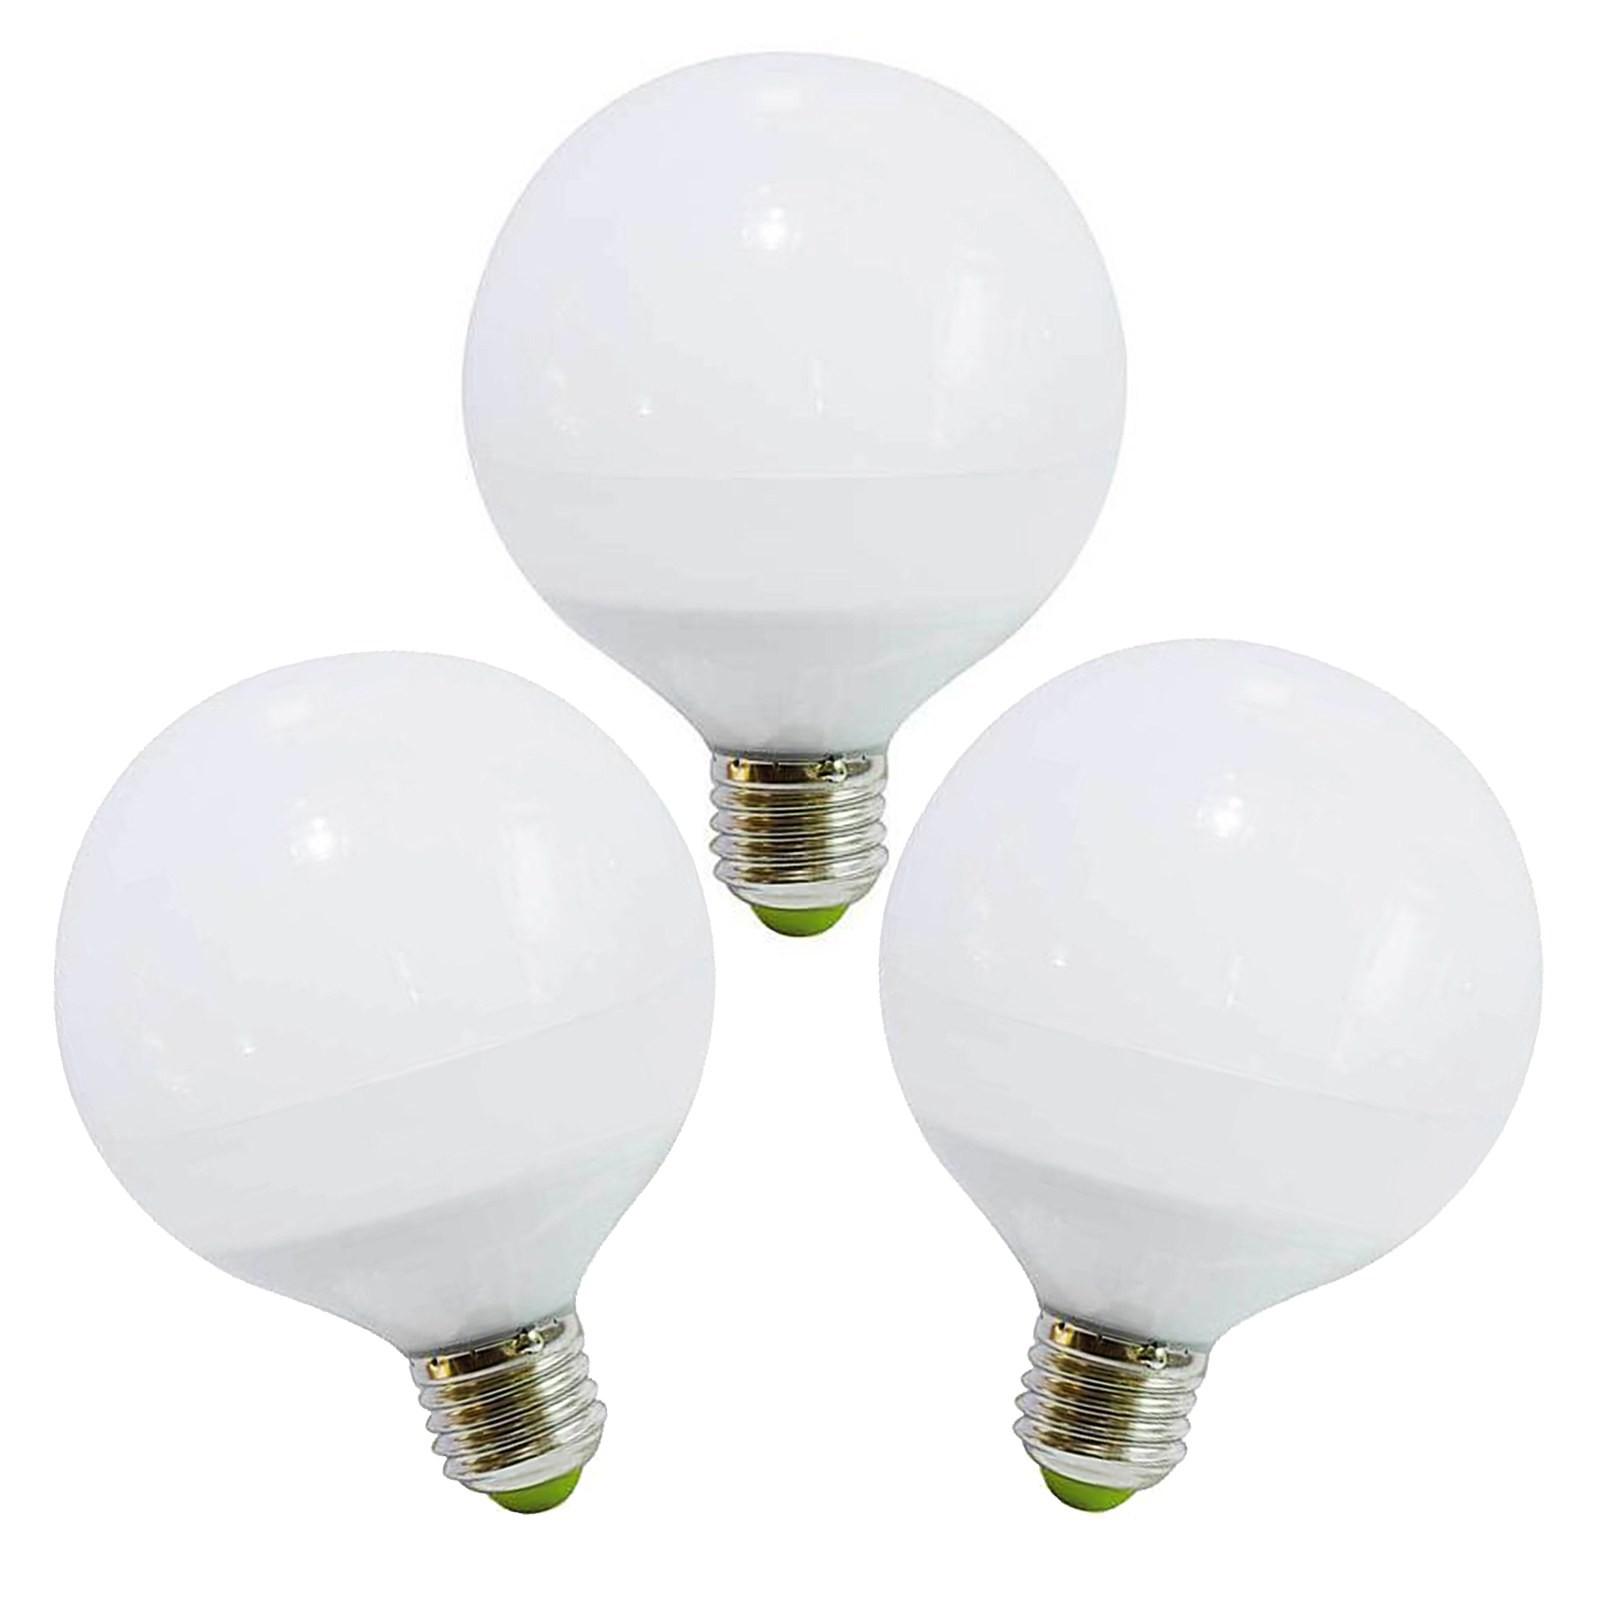 3 pz lampade lampada lampadine a led luce calda attacco for Lampadine led 100 watt